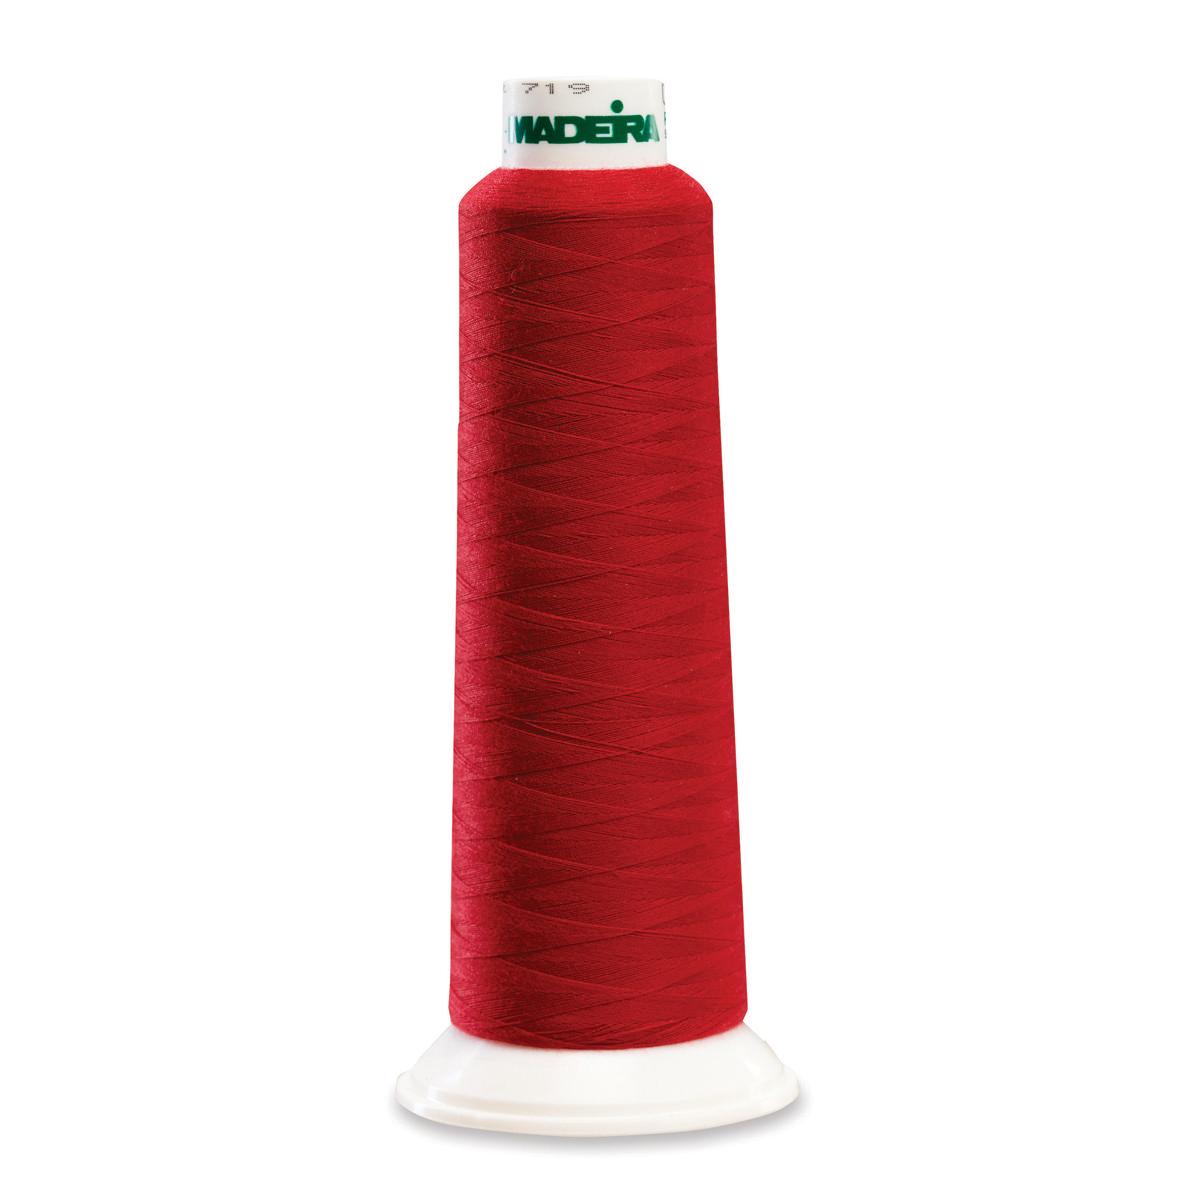 Deep Red 9470 Madeira Serger Thread